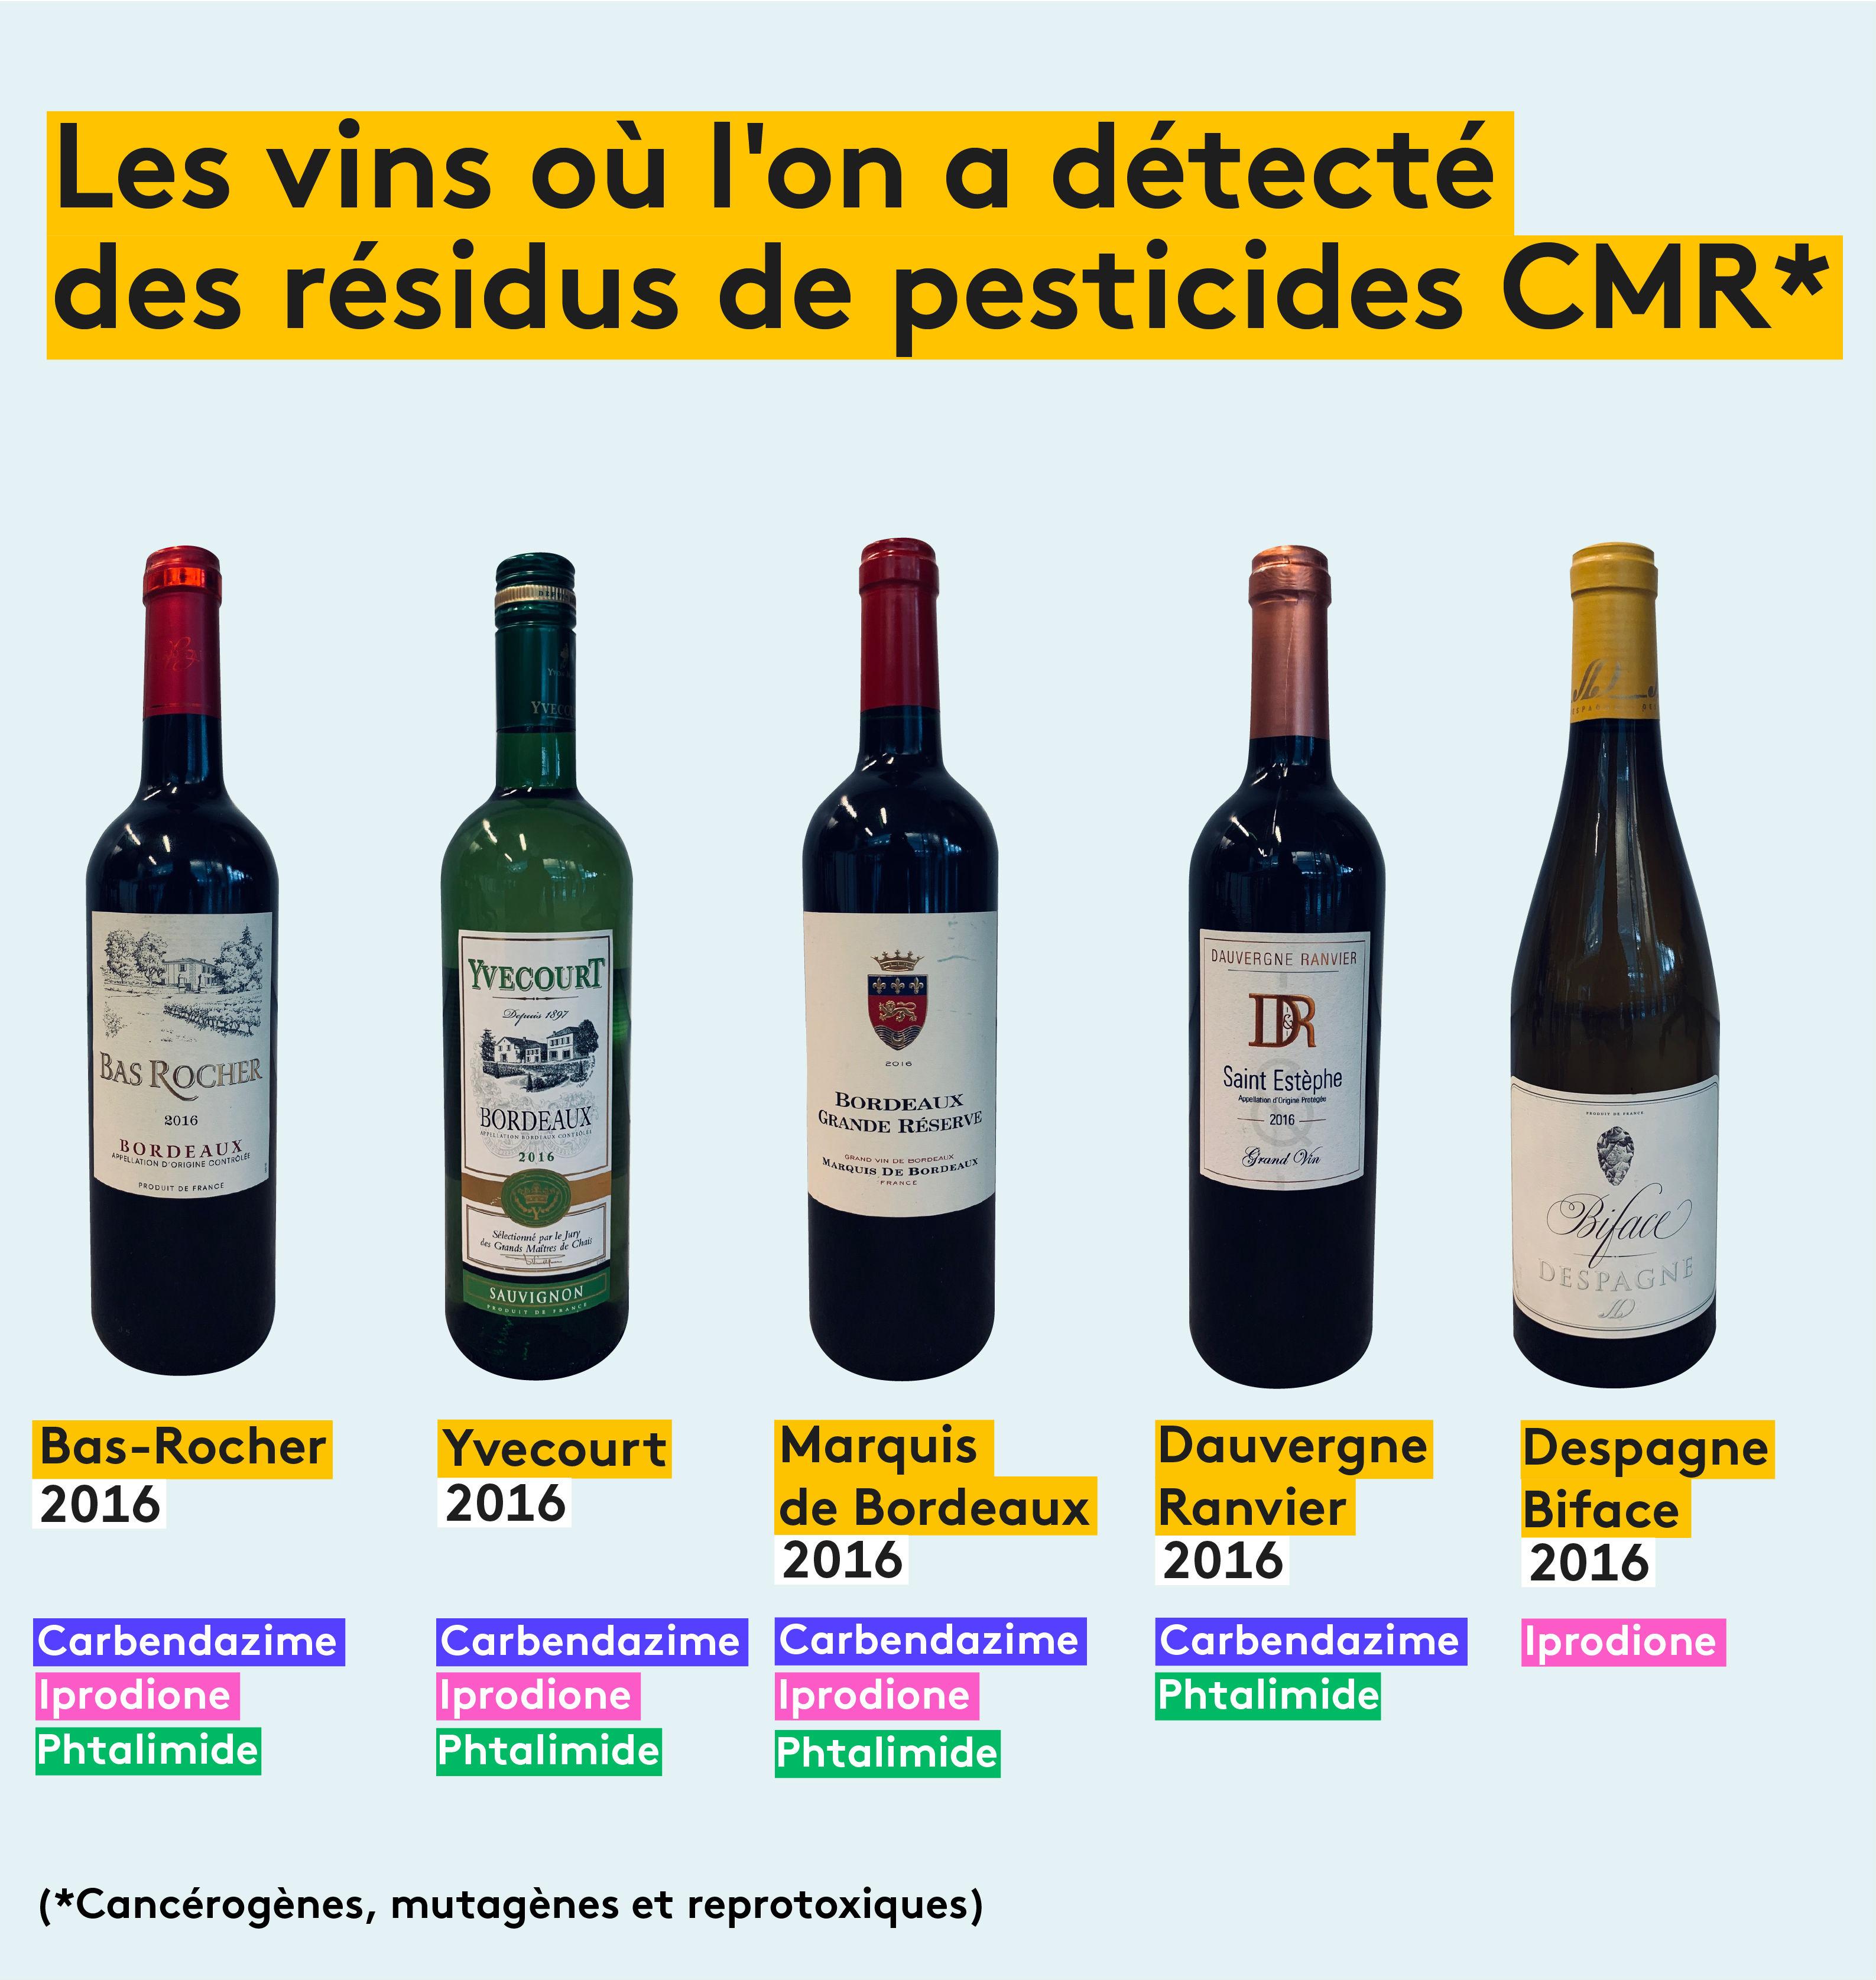 Les vins où l\'on a détecté des résidus de pesticides CMR